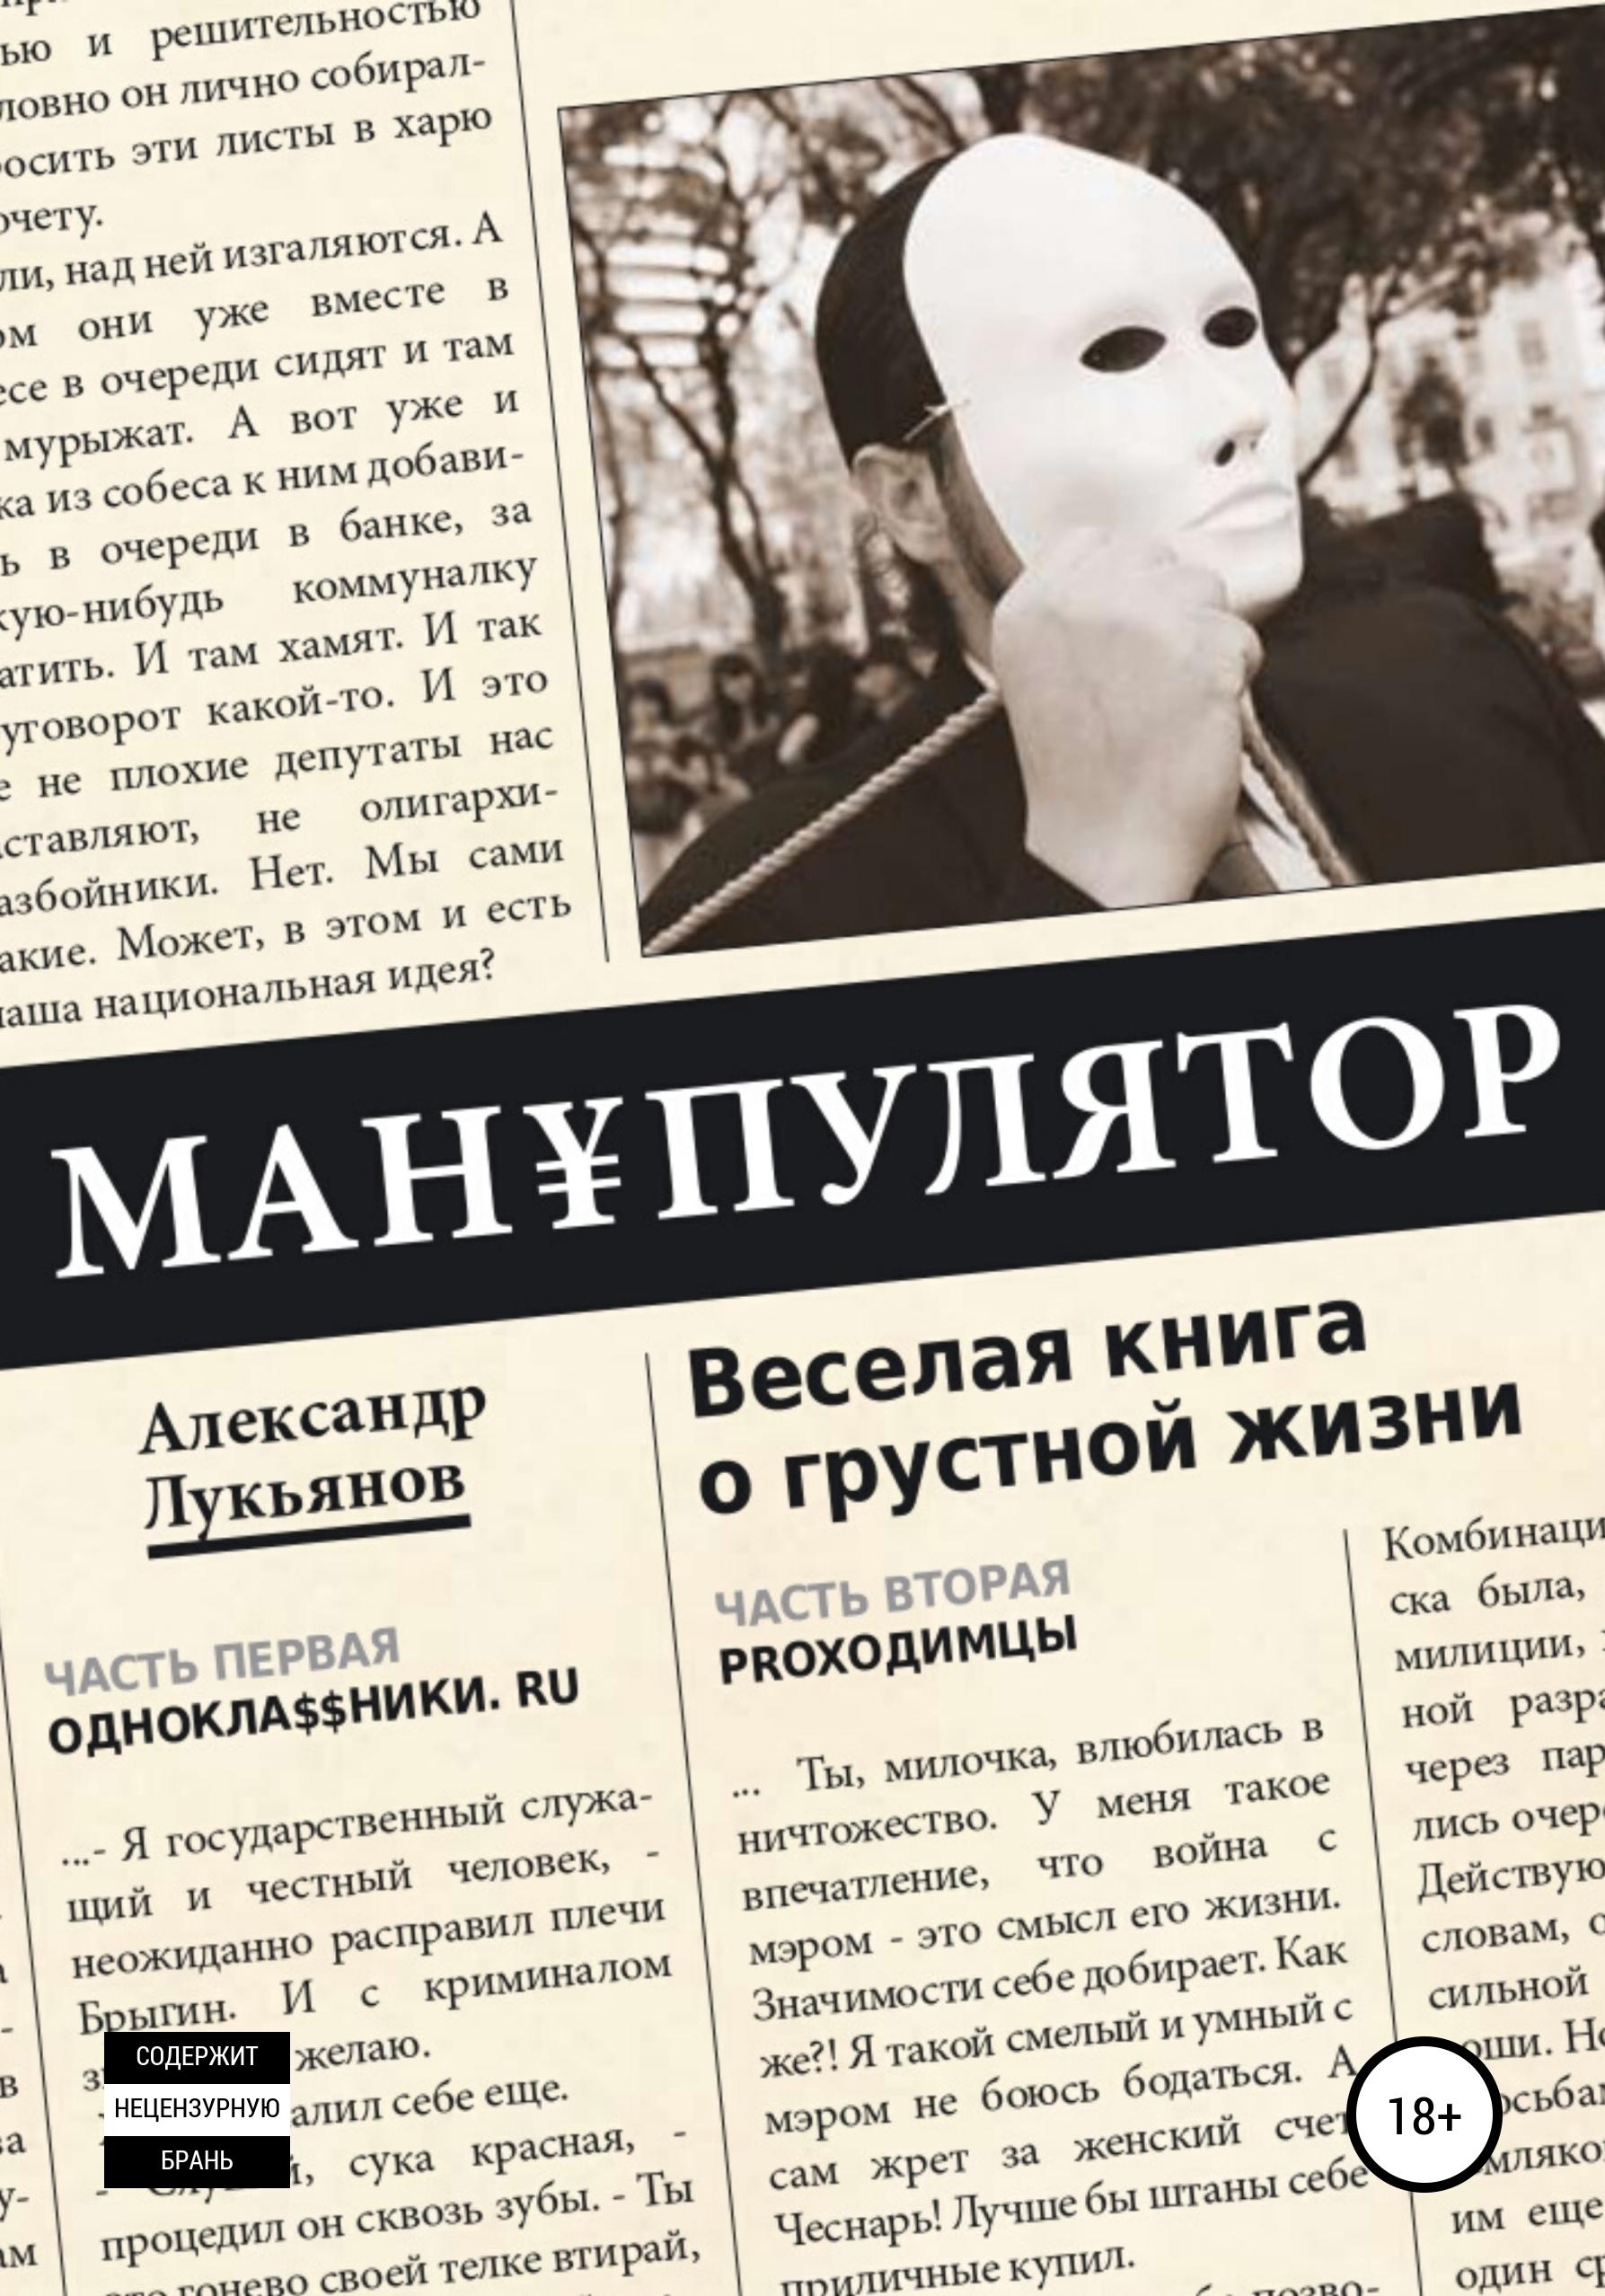 Купить книгу МАН¥ПУЛЯТОР. Веселая книга о грустной жизни, автора Александра Лукьянова